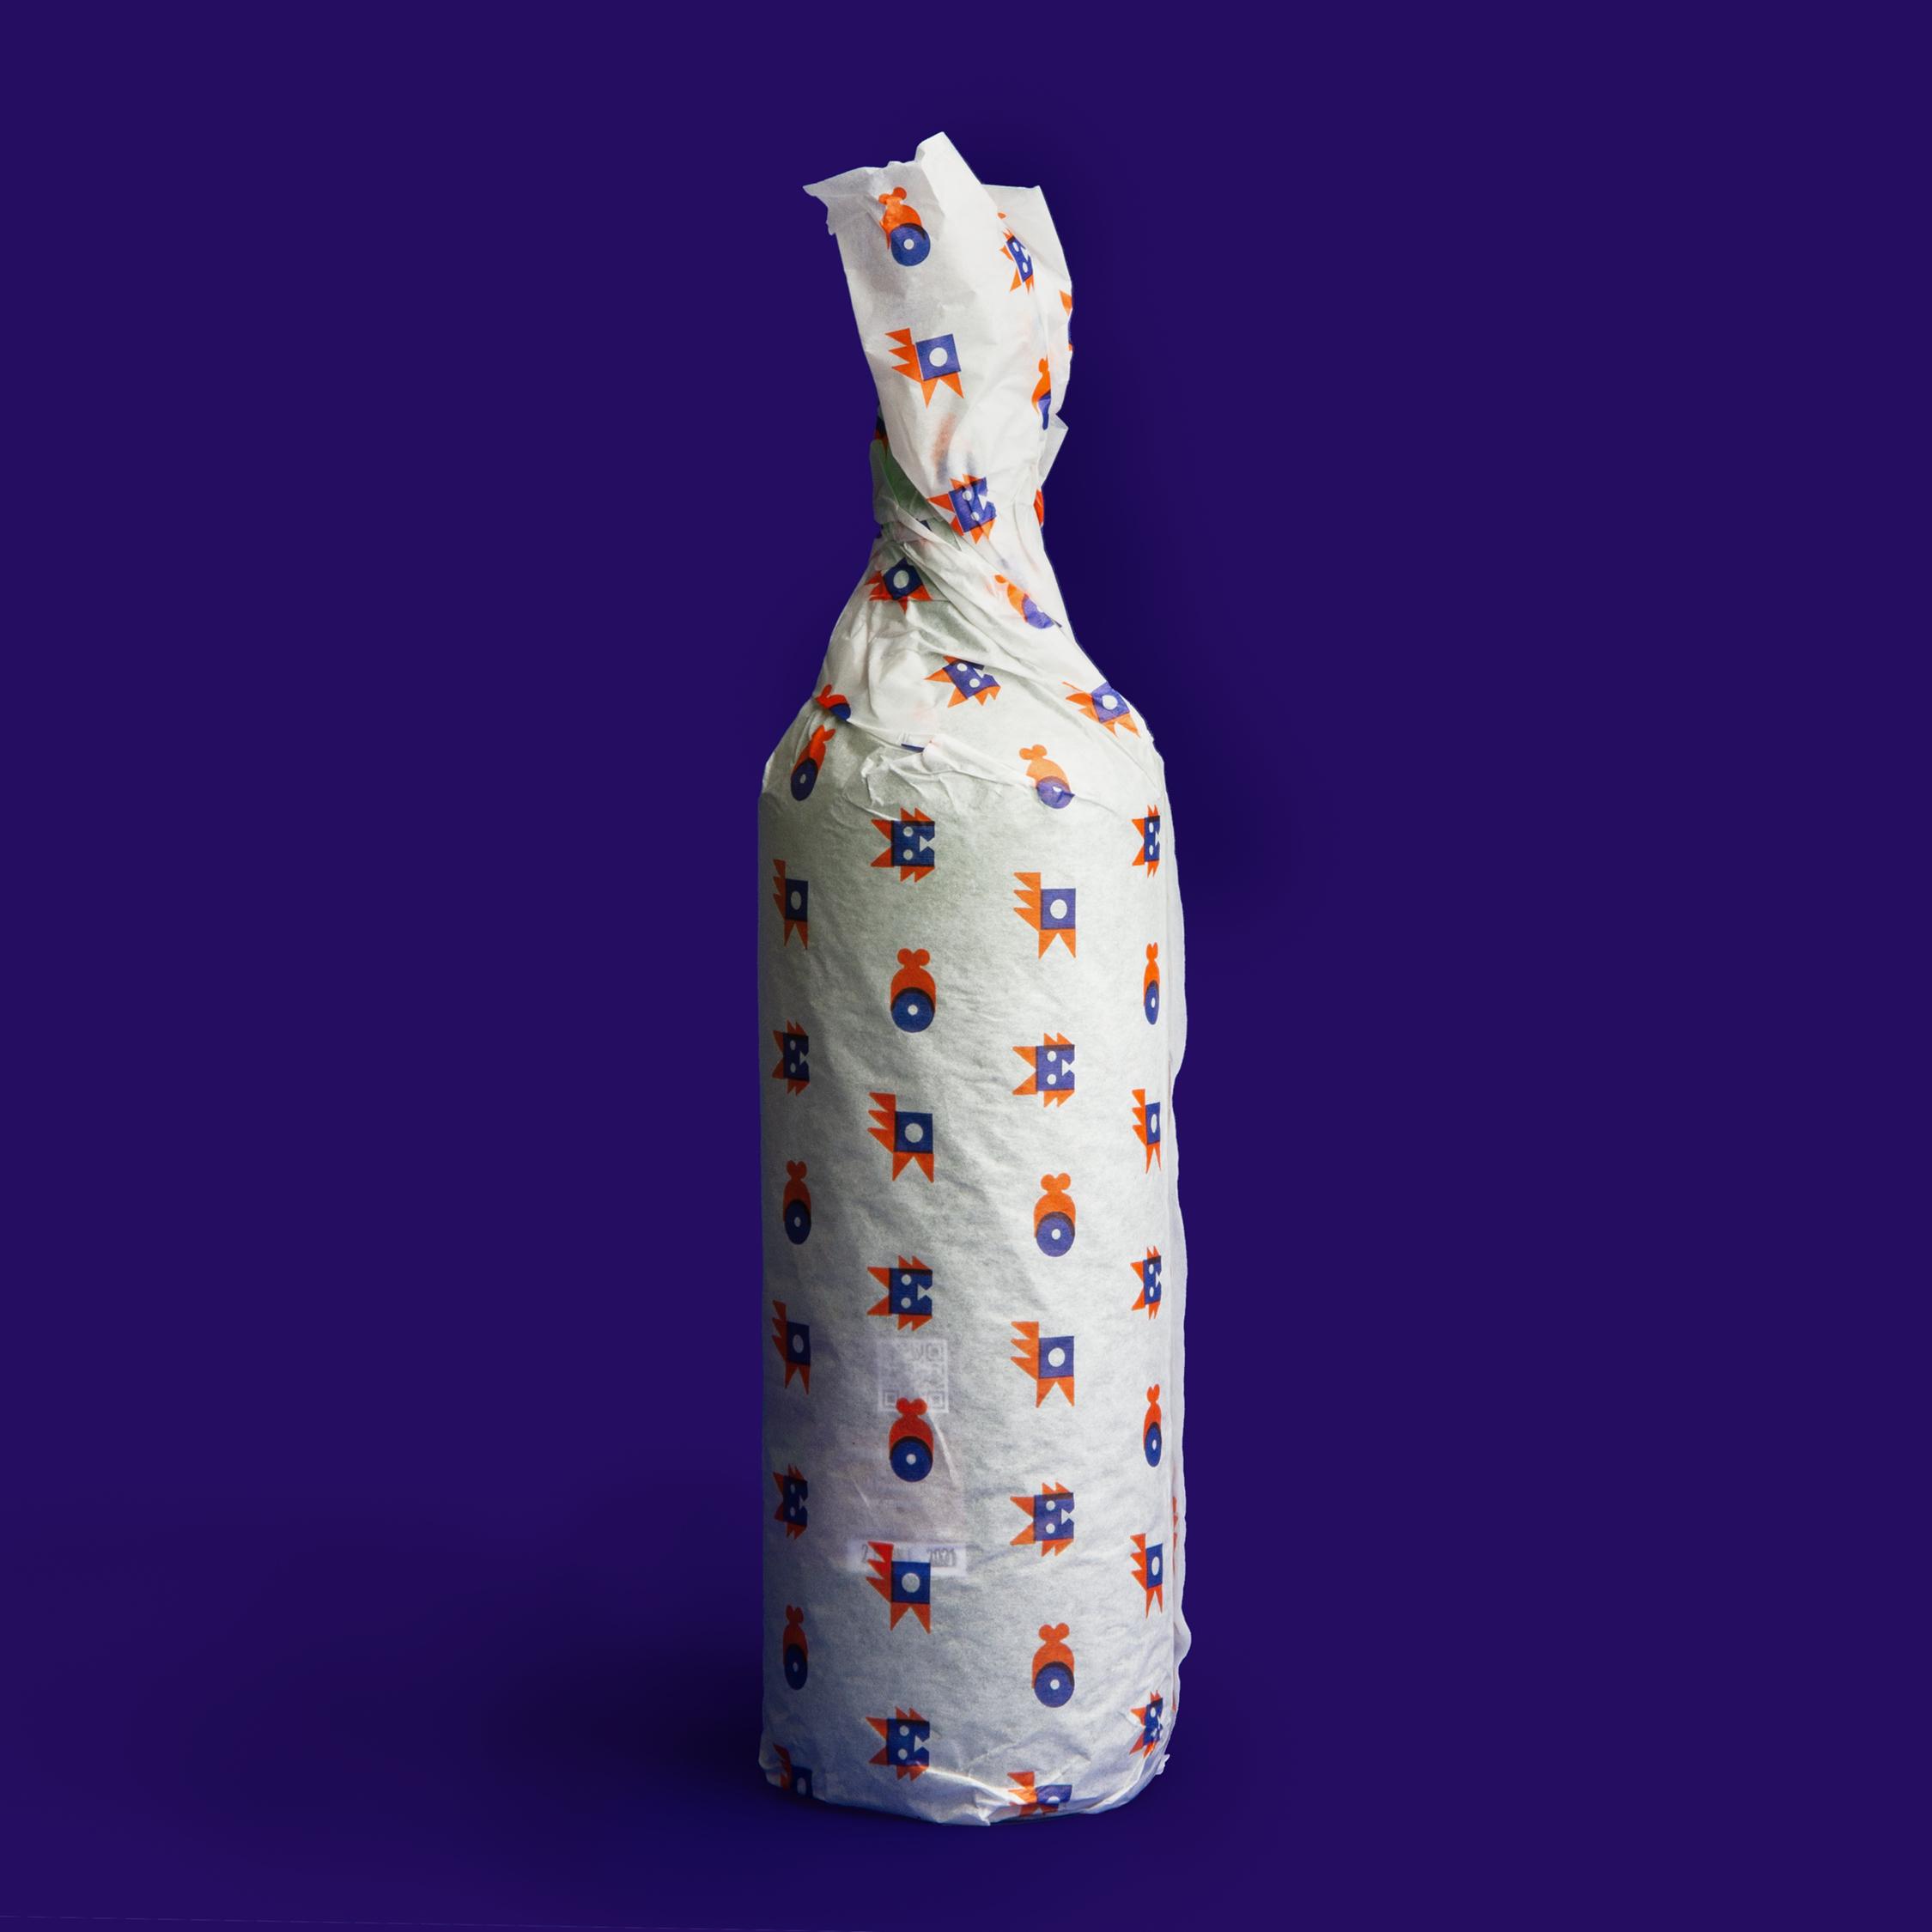 Ref Huehnergeschrei 6 Flasche